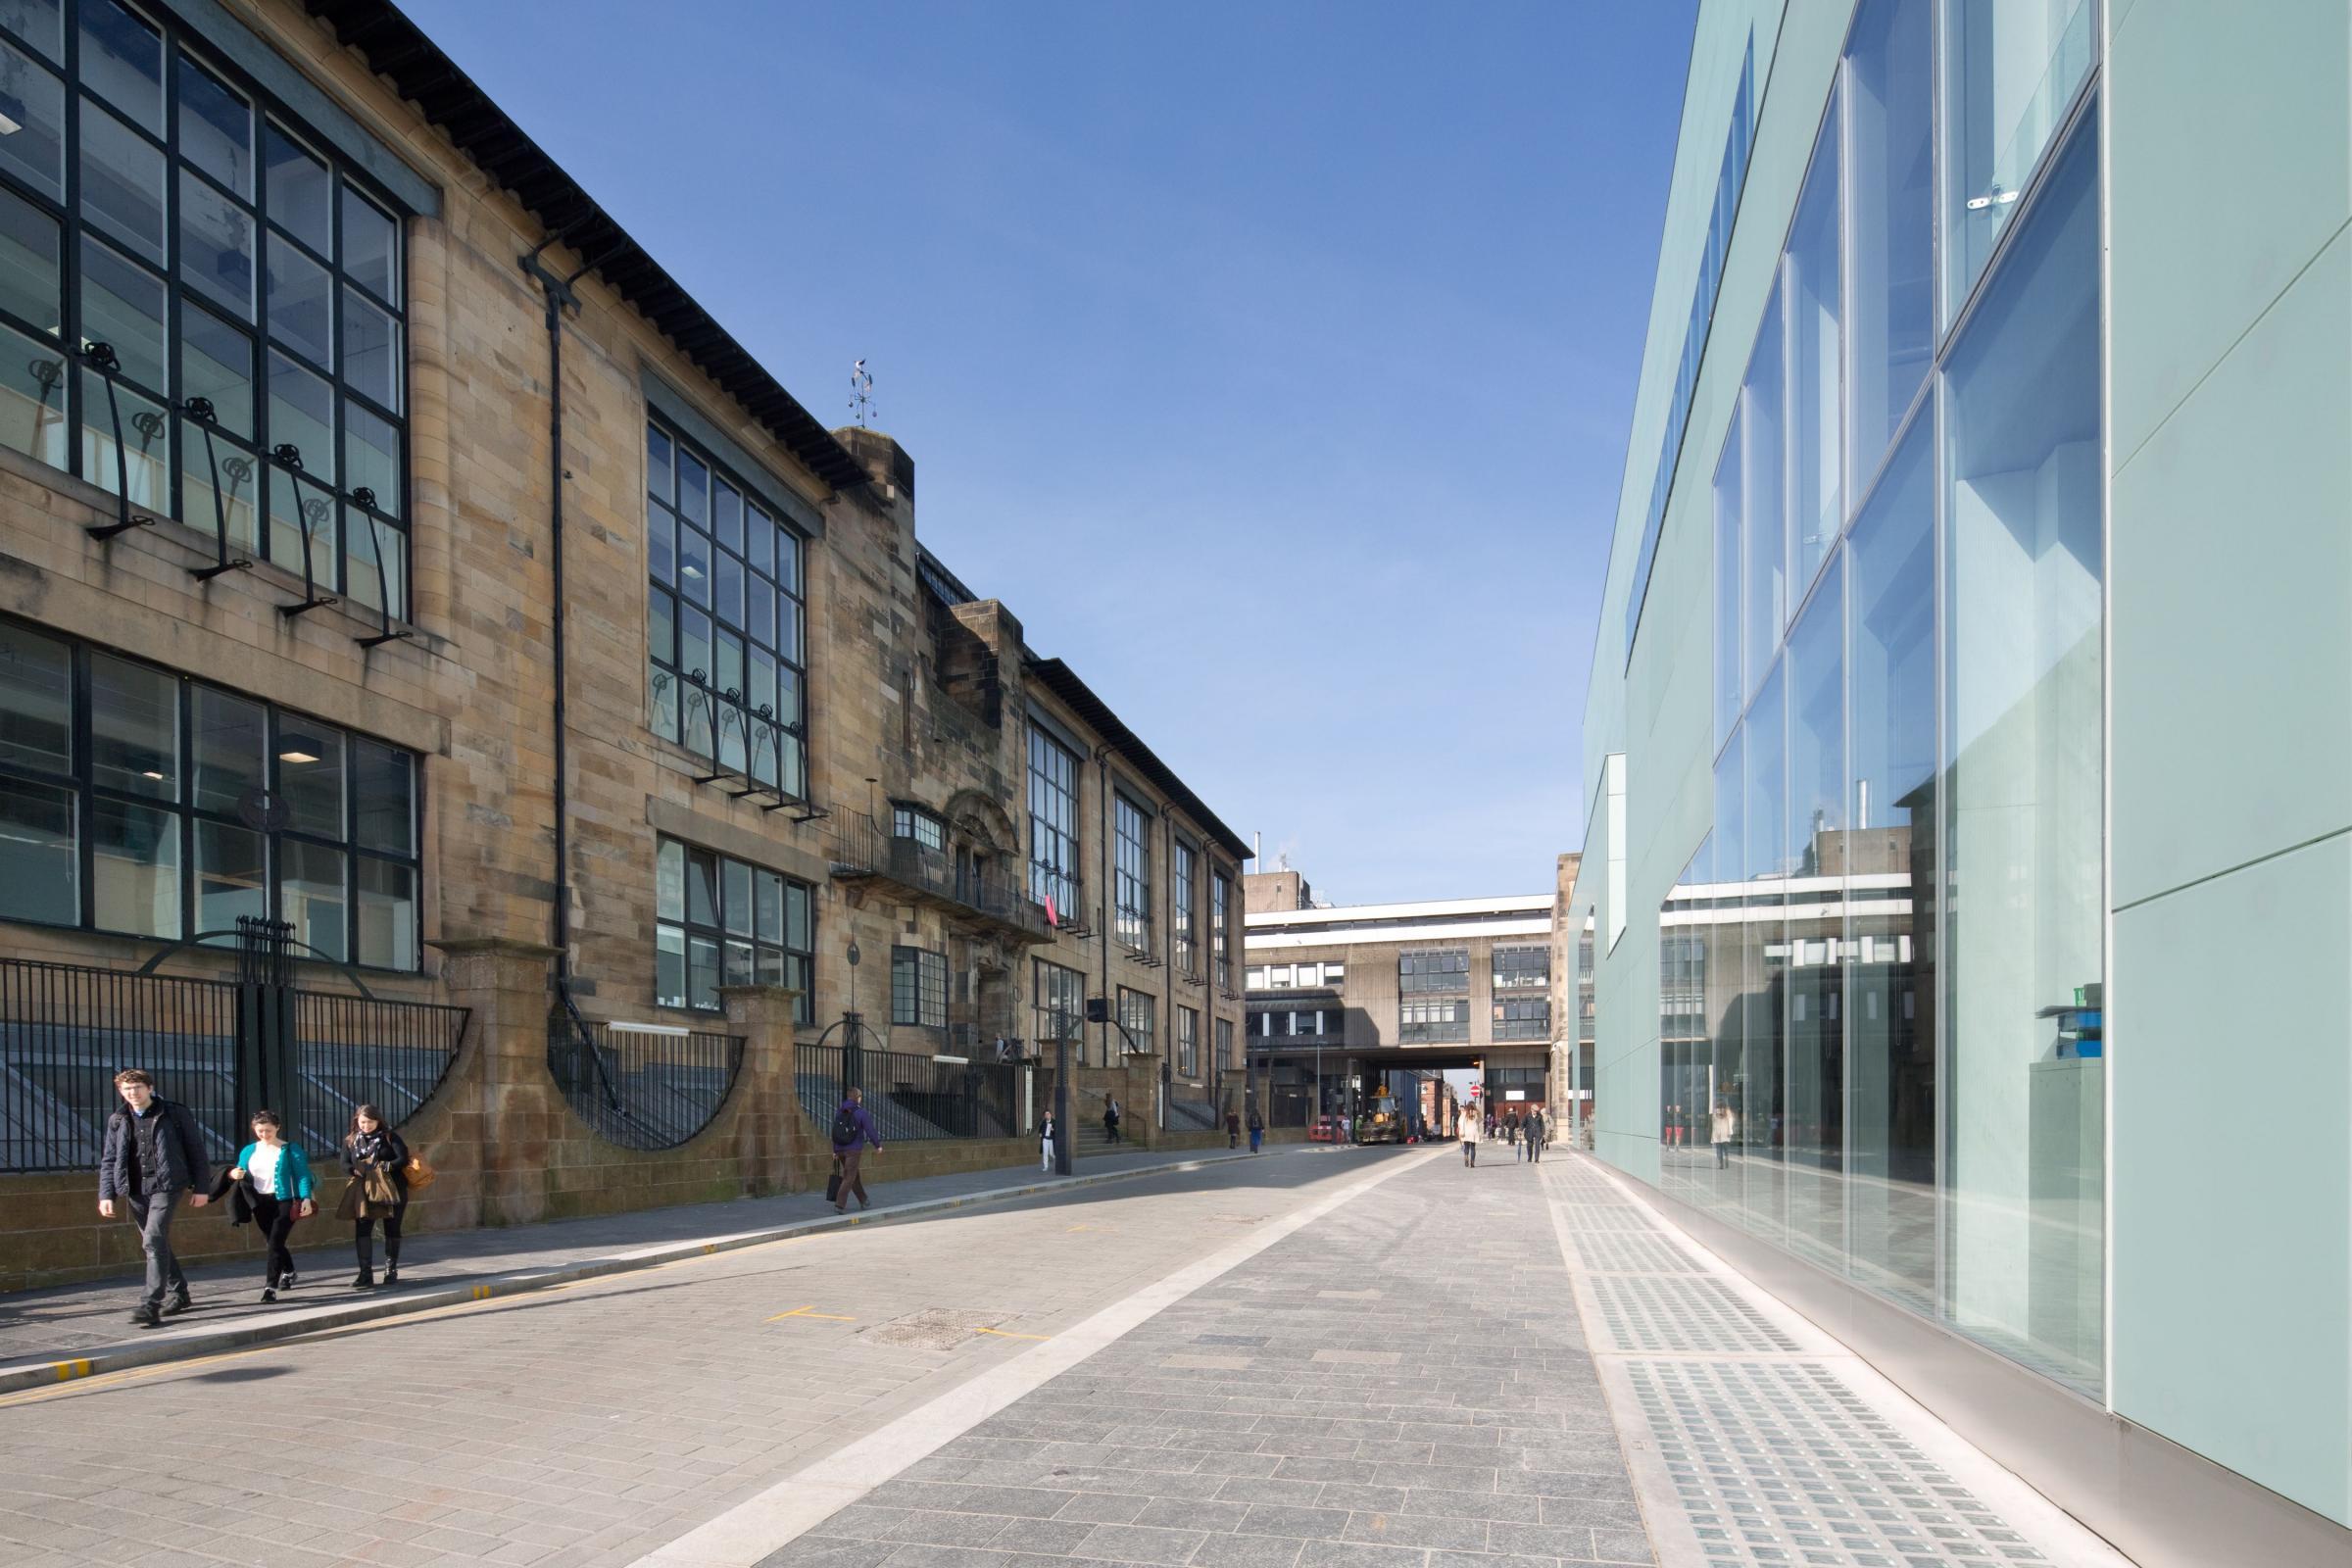 El edificio Mackintosh de la escuela de arte de Glasgow se restablecerá fielmente después de un incendio devastador